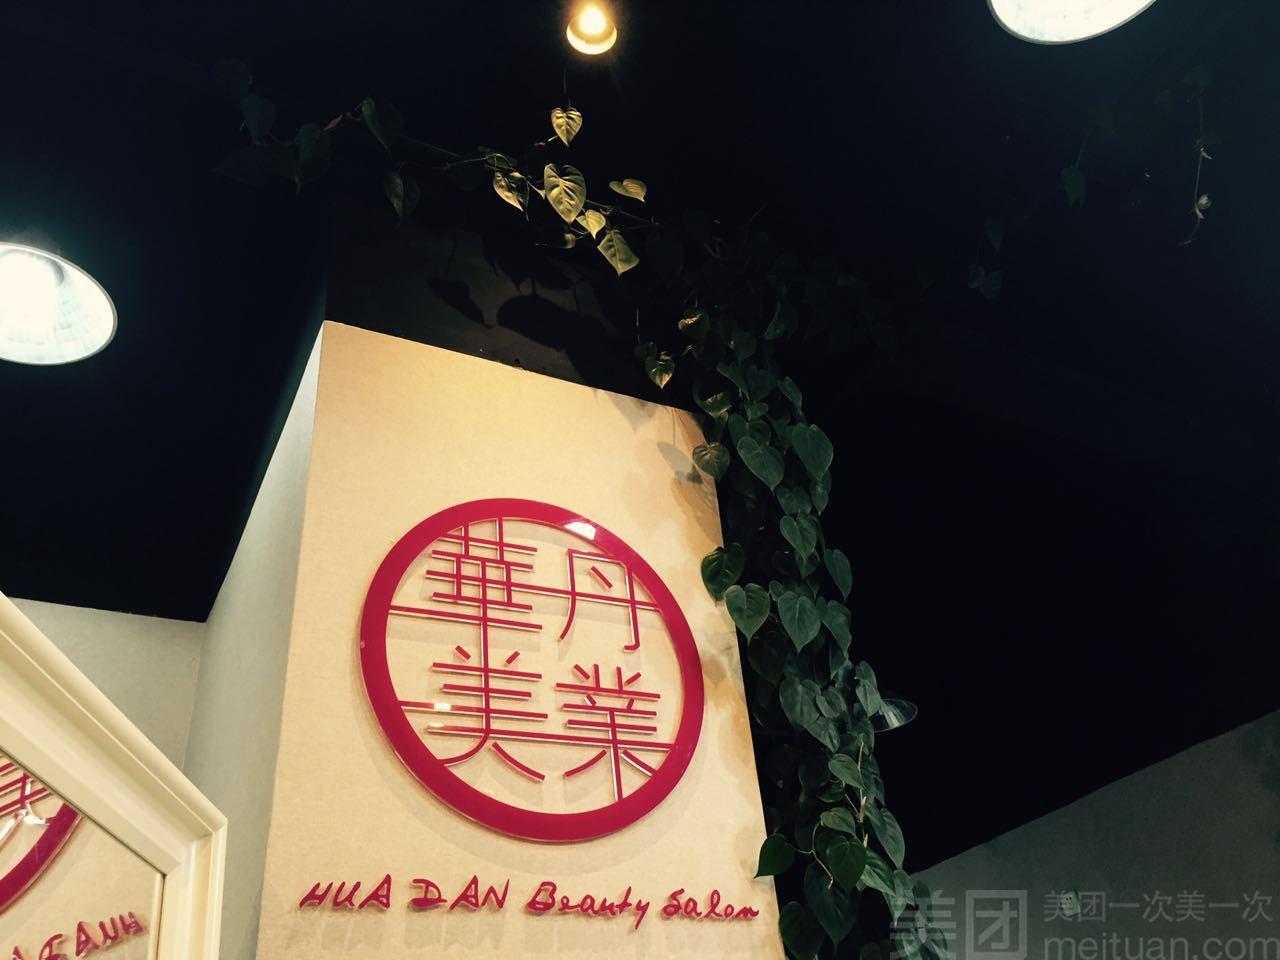 华丹美业精品美容美发沙龙-美团